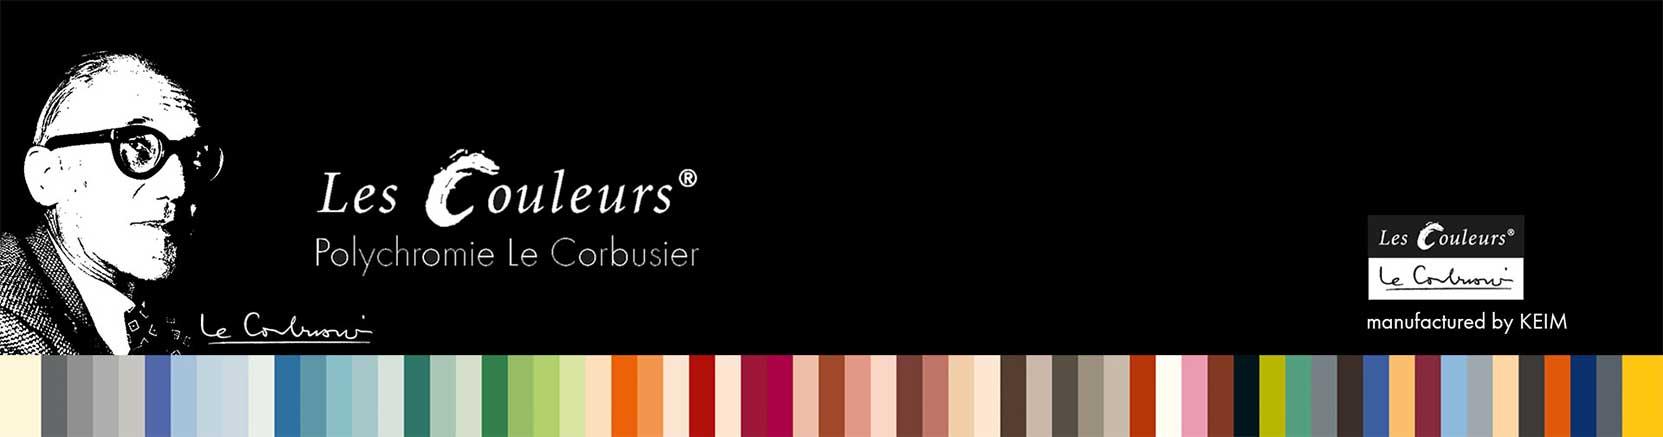 Pitture Le Corbusier 1